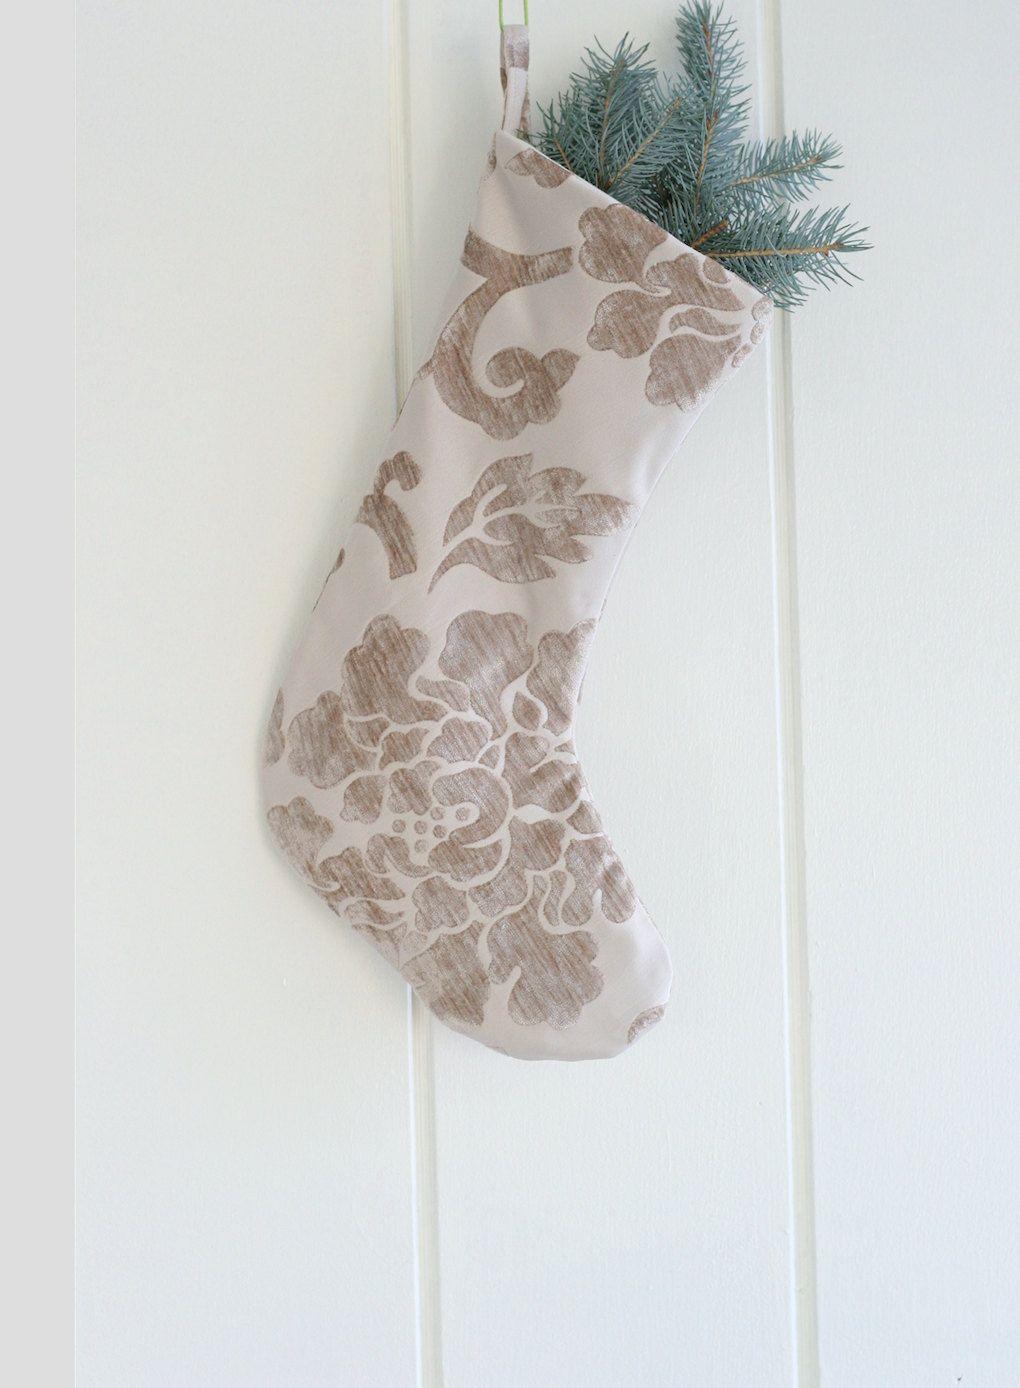 Christmas Stockings, Velvet Chenille stocking, Modern stocking, Beige Stocking, Exclusive Christmas Stockings by GreenwoodStore on Etsy